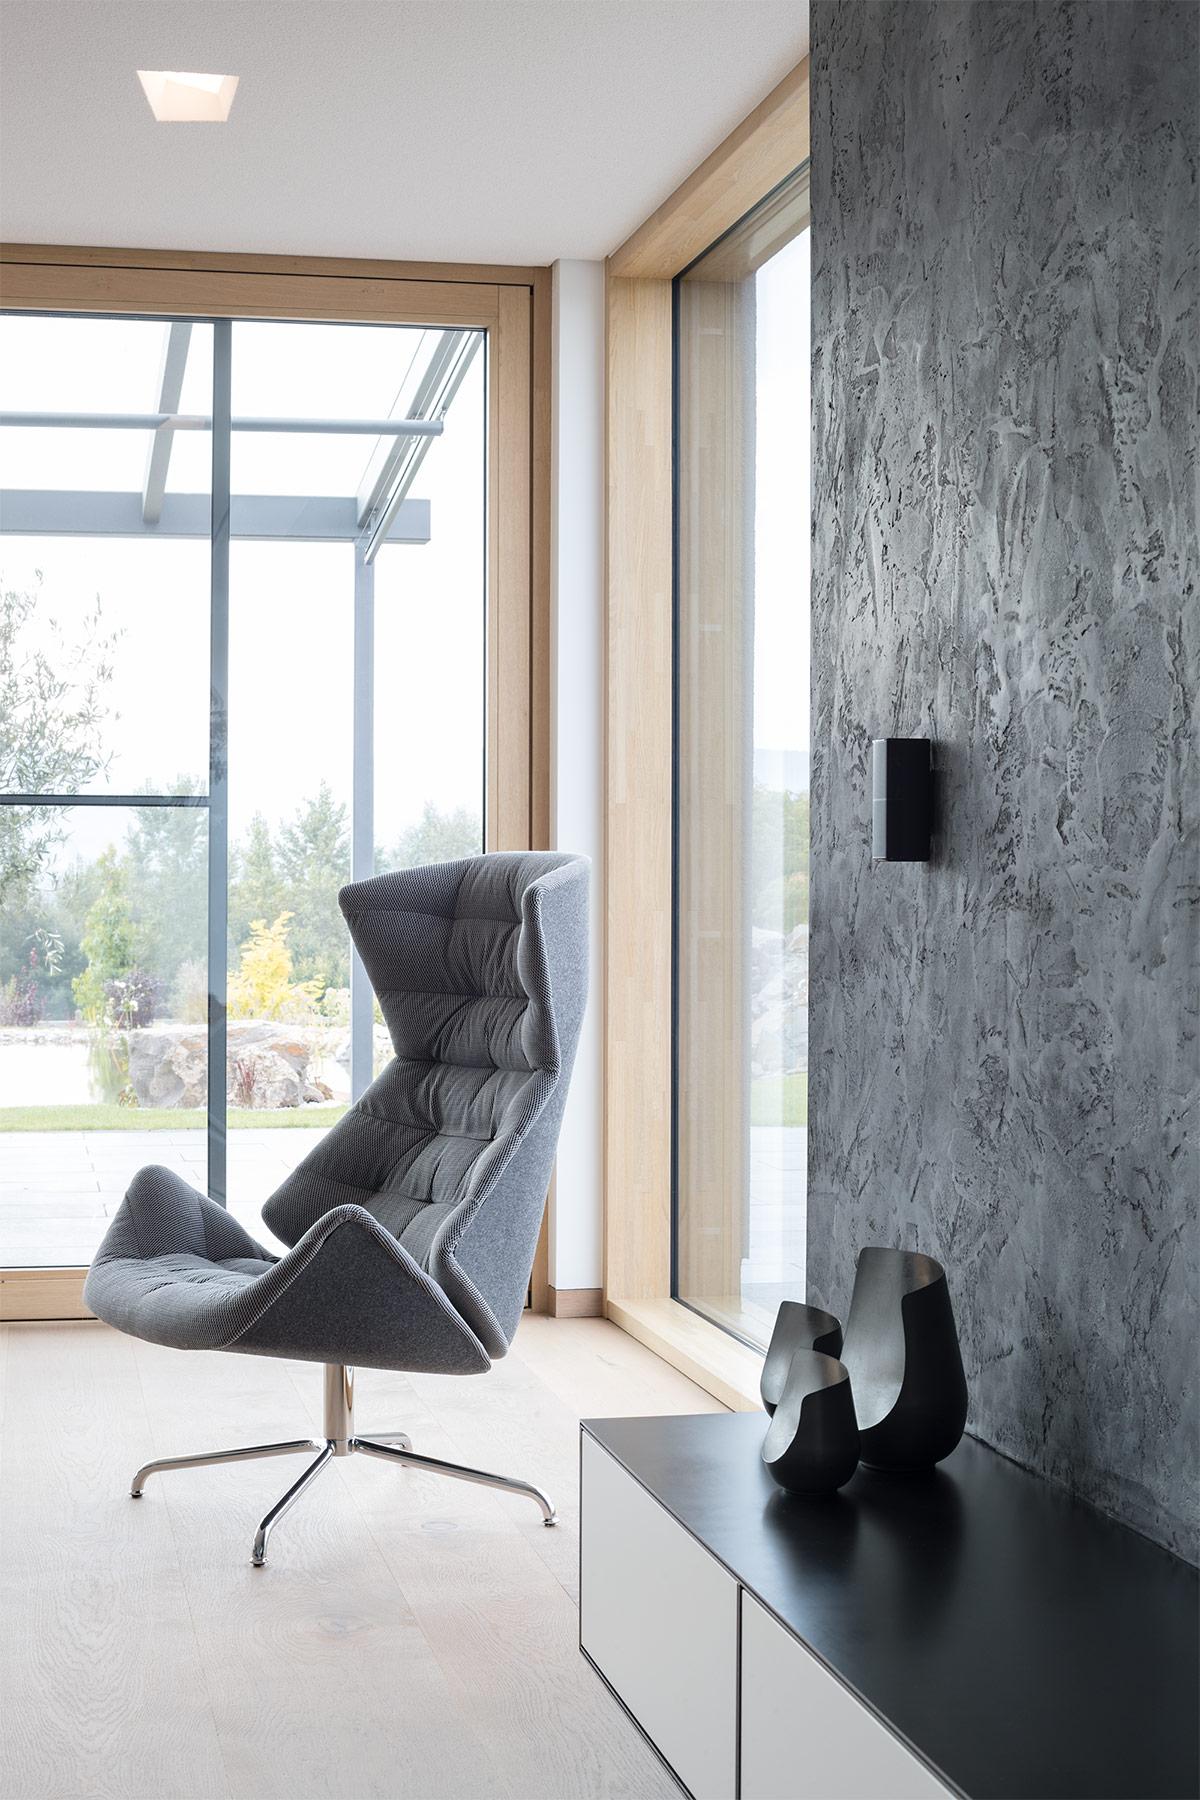 Architekturfotografie Wohnhaus Interior Fotografie